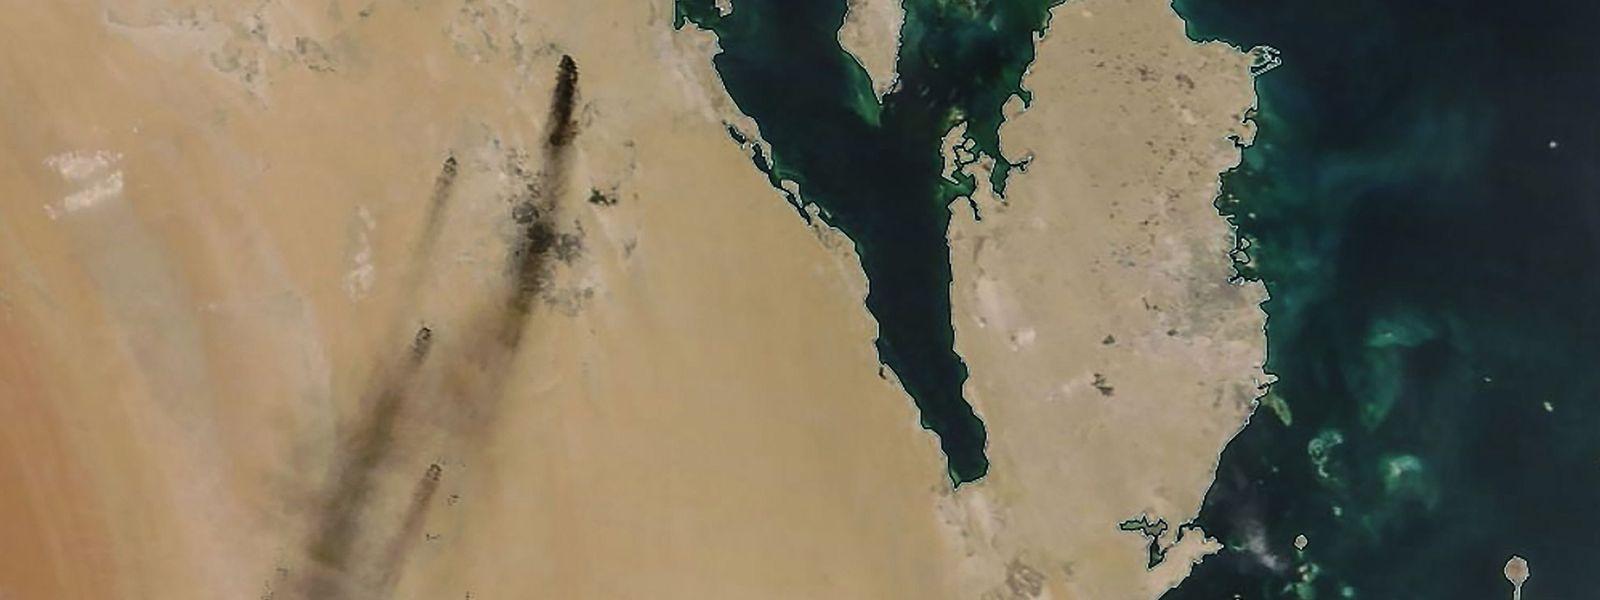 Ein Satellitenbild vom 14. September zeigt Rauch über zwei großen Ölförderanlagen im östlichen Teil von Saudi-Arabien.